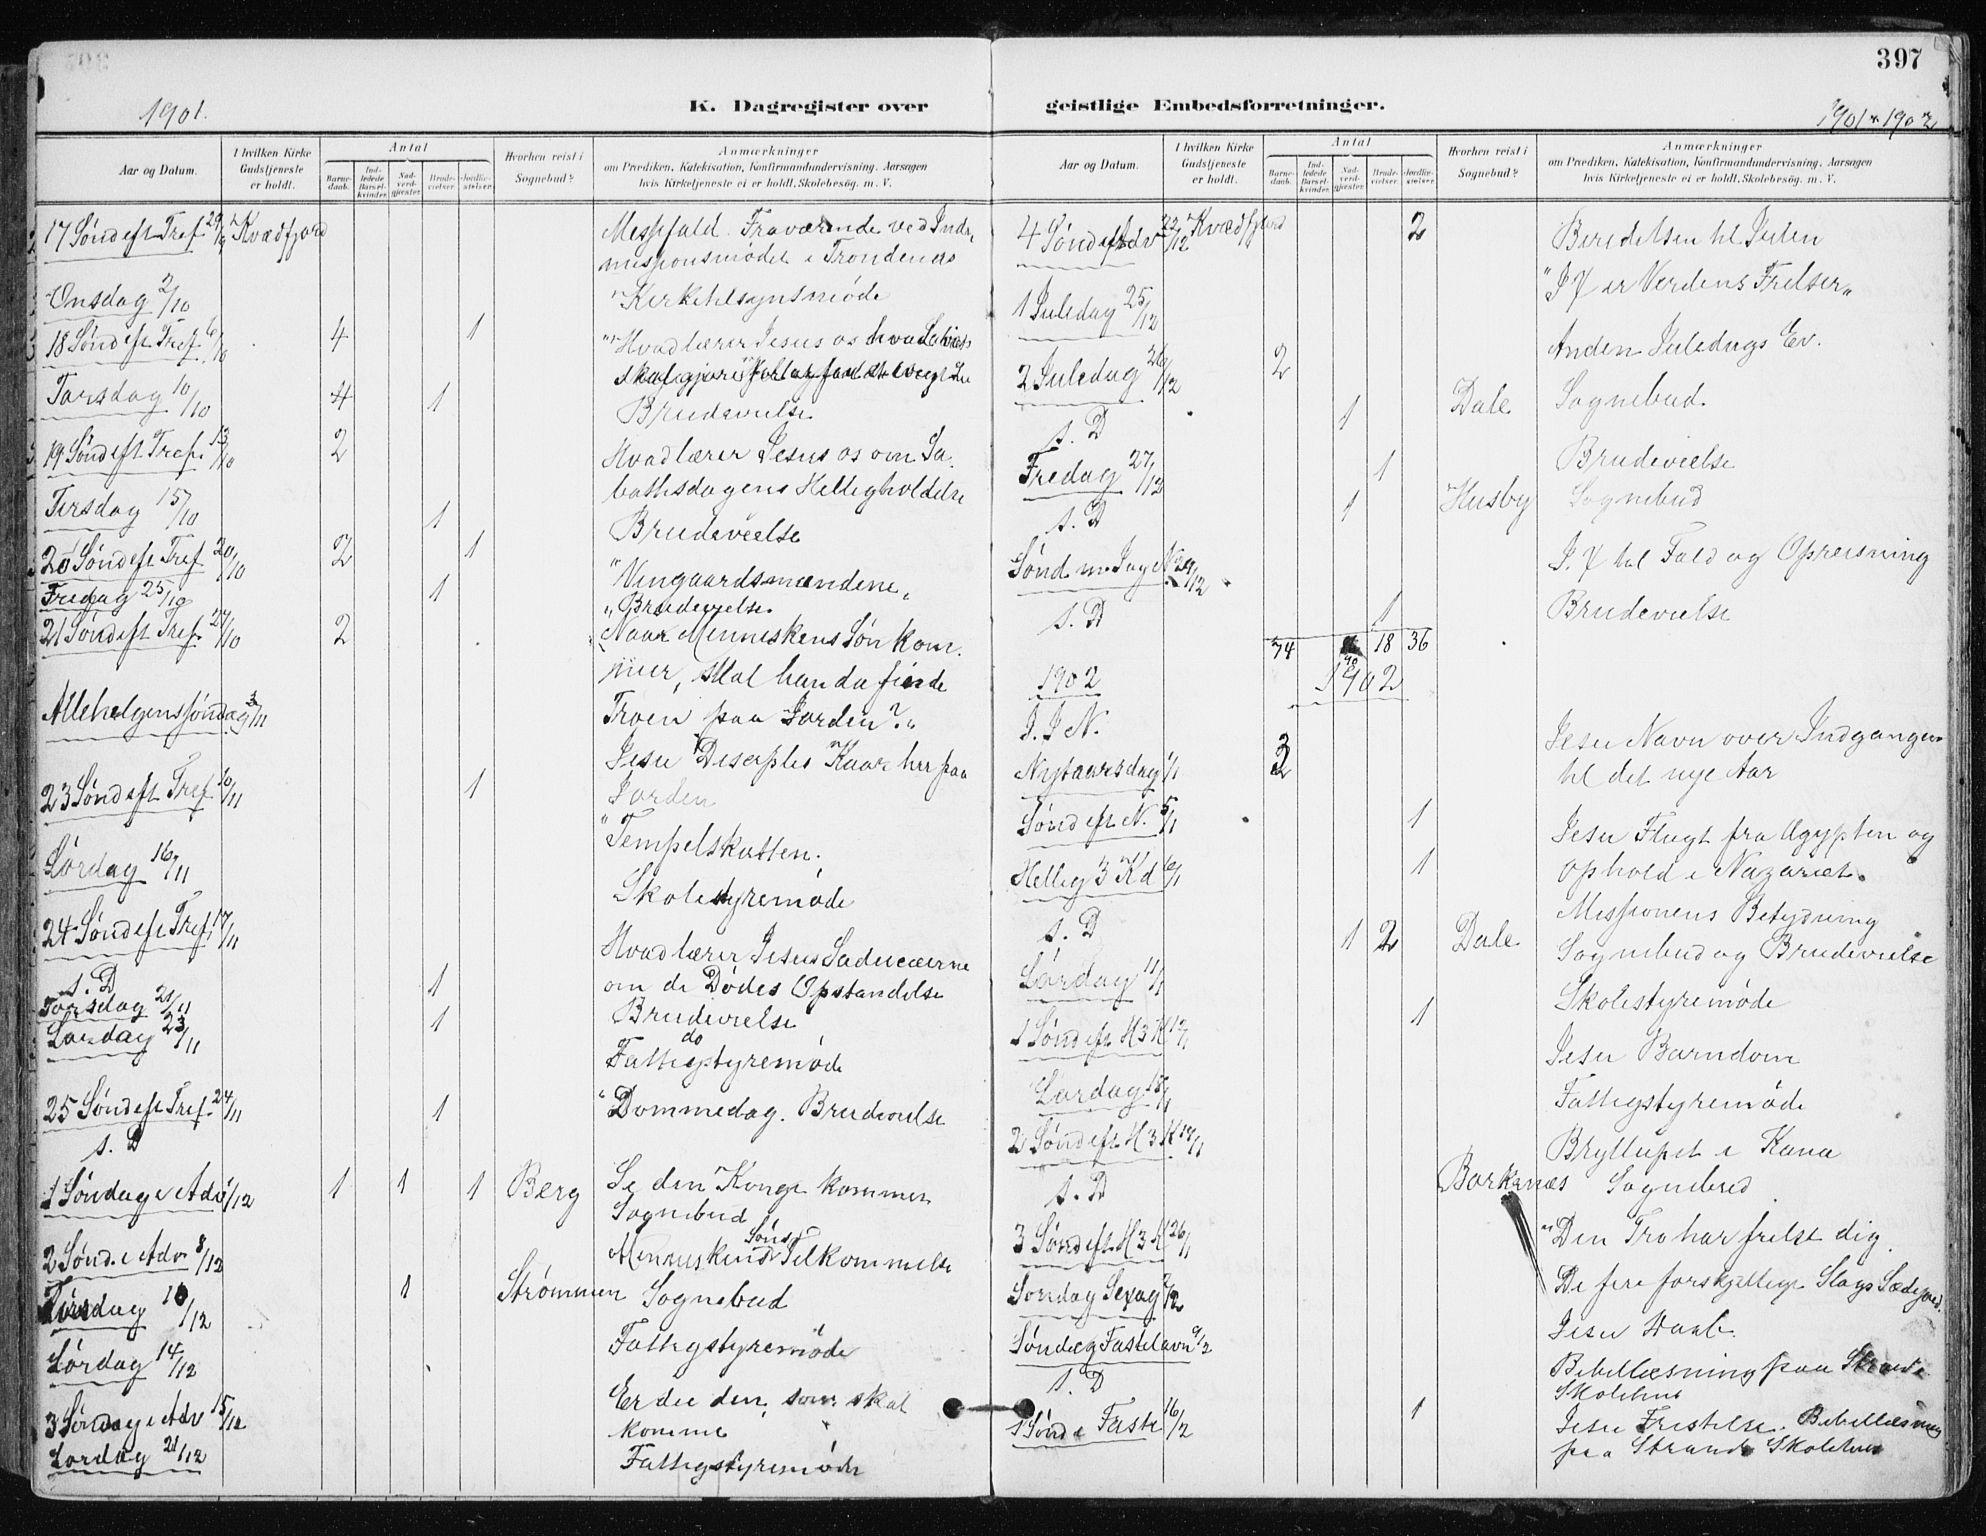 SATØ, Kvæfjord sokneprestkontor, G/Ga/Gaa/L0006kirke: Ministerialbok nr. 6, 1895-1914, s. 397